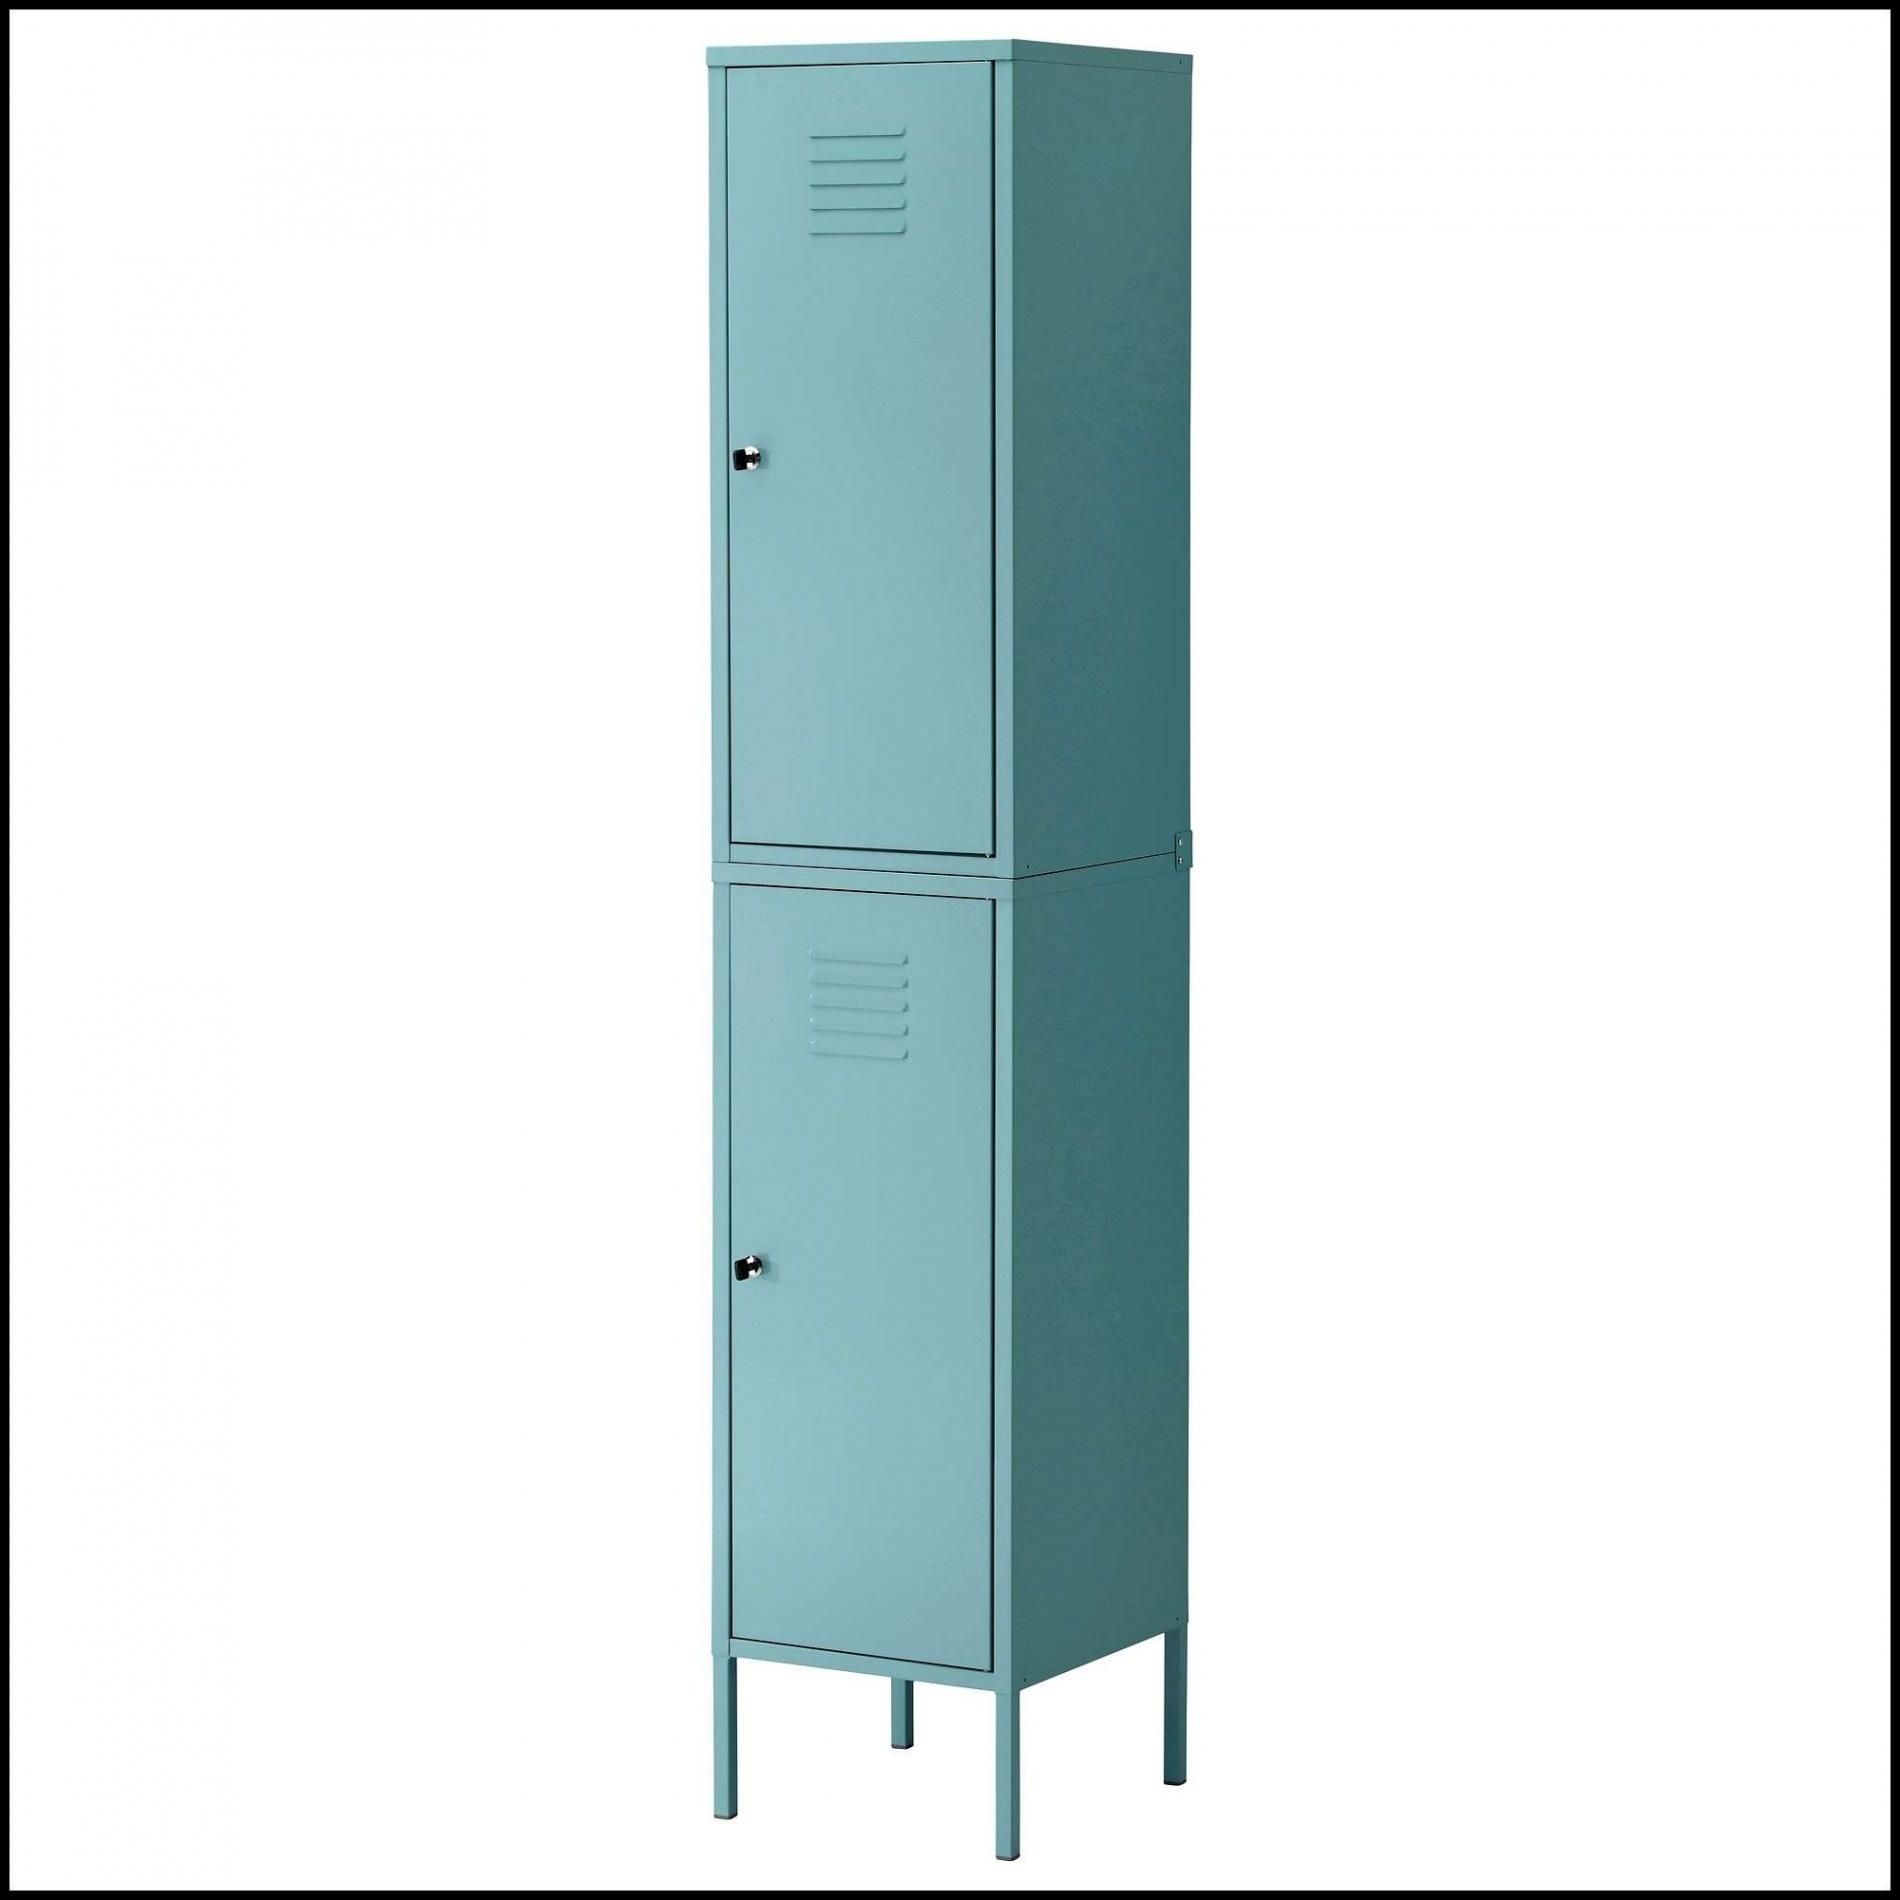 Full Size of Ikea Küche Eckschrank Kche Montage Beistelltisch Gewerbliche Mit E Geräten Günstig Singleküche Kühlschrank Aufbewahrungssystem Erweitern Finanzieren Wohnzimmer Ikea Küche Eckschrank